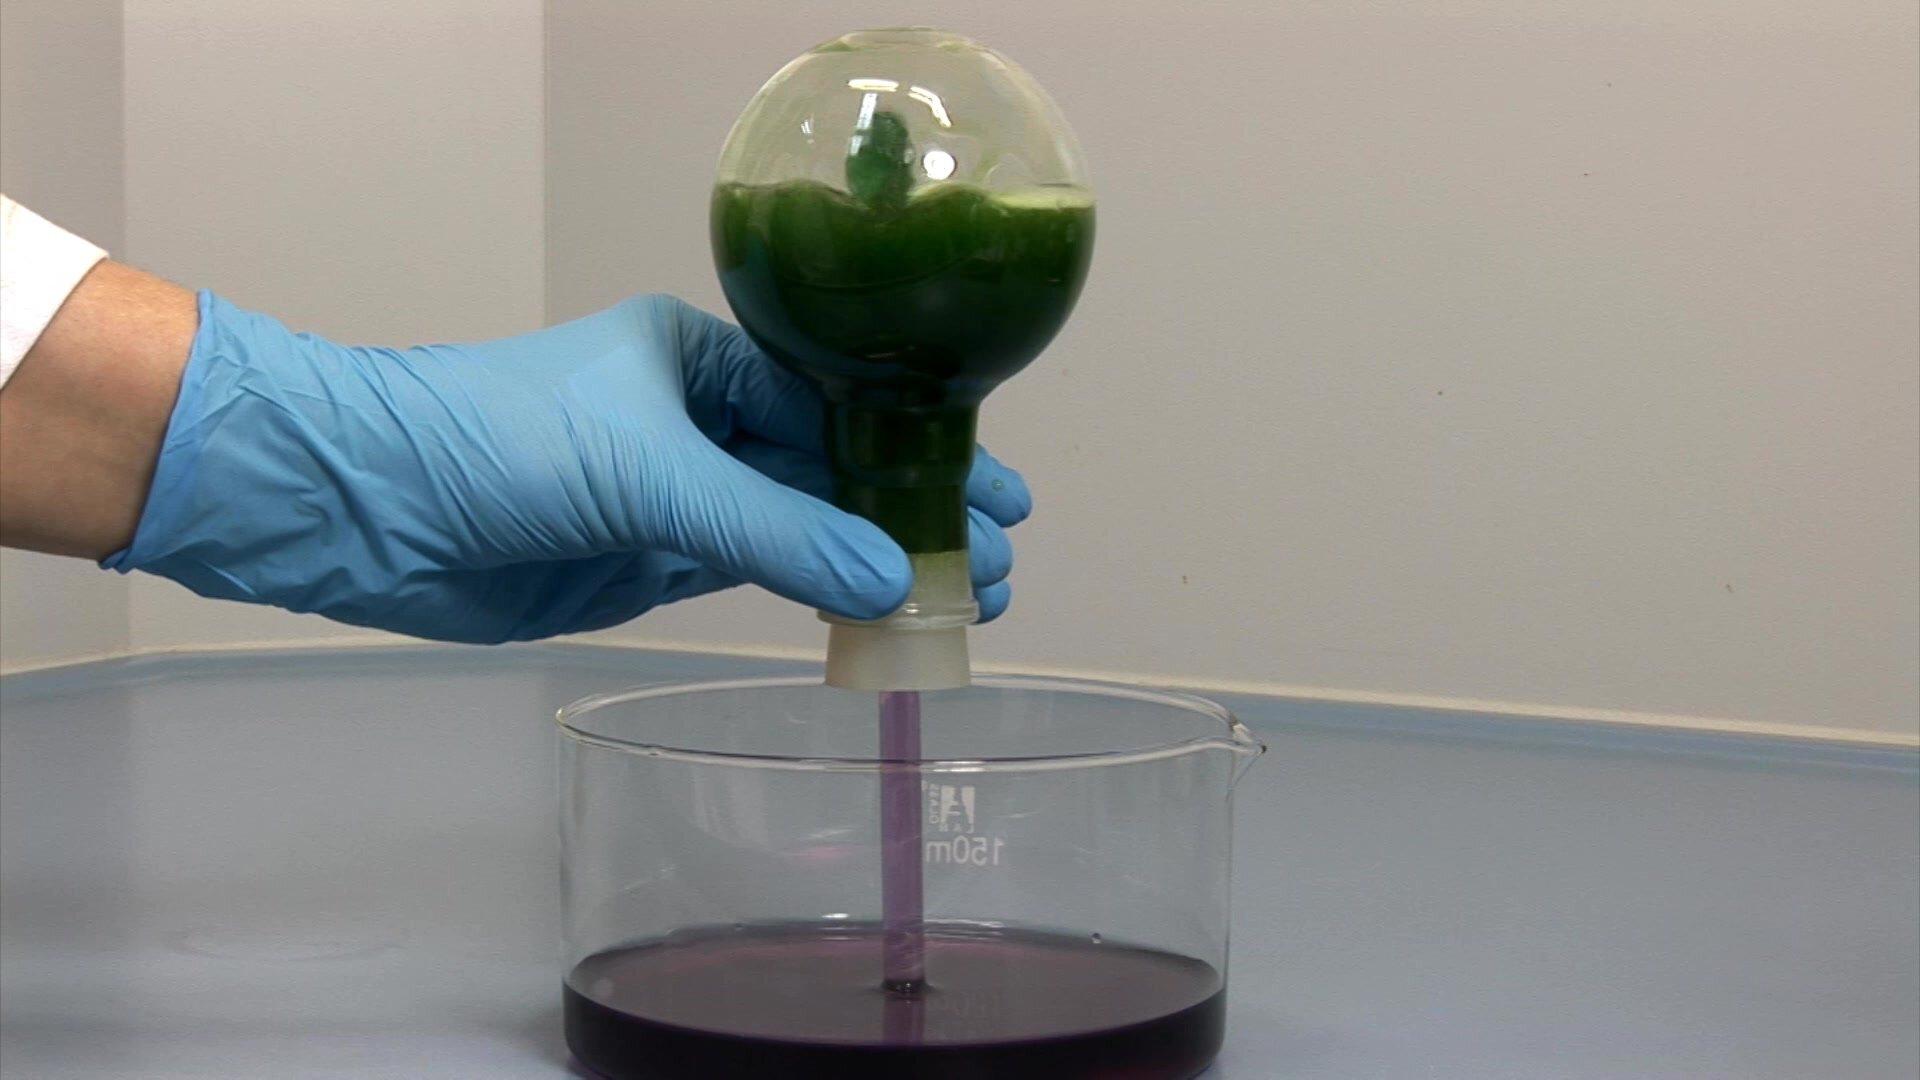 Zdjęcie przedstawia kadr znagrania prezentującego wykonanie tak zwanej fontanny amoniakalnej. Do dużego krystalizatora wypełnionego wodą zawierającą wywar zczerwonej kapusty okolorze fioletowo czerwonym demonstrator, dłonią wrękawiczce lateksowej wkłada zakończenie odwróconej do góry dnem kolby kulistej zkorkiem gumowym iprzechodzącą przez niego szklaną rurką. Przez rurkę, której otwarty koniec zanurzony jest wwodzie zwywarem zczerwonej kapusty ciecz jest gwałtownie zasysana do środka iwmiarę wypełniania kolby zmienia kolor na zielony.